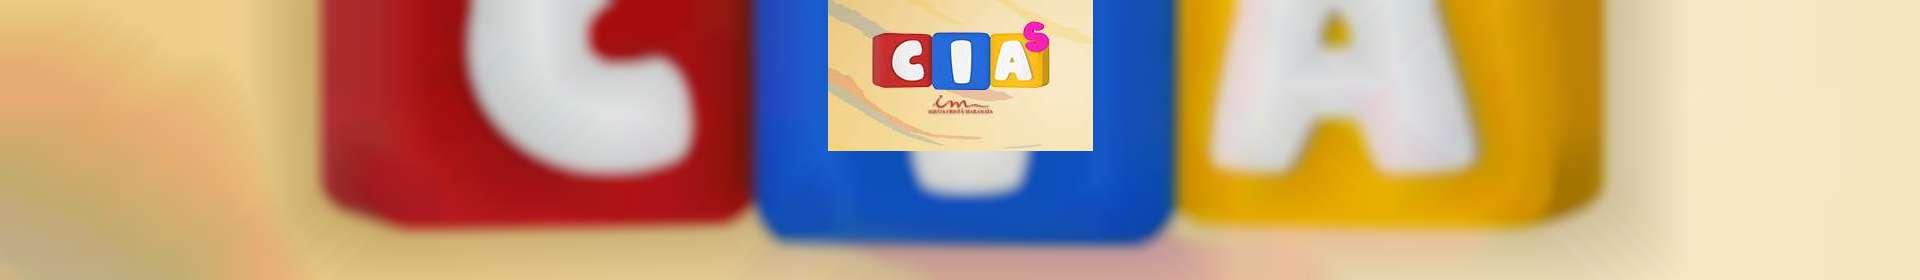 Aula de CIAS: classe de 11 a 15 anos - 03 de setembro de 2020